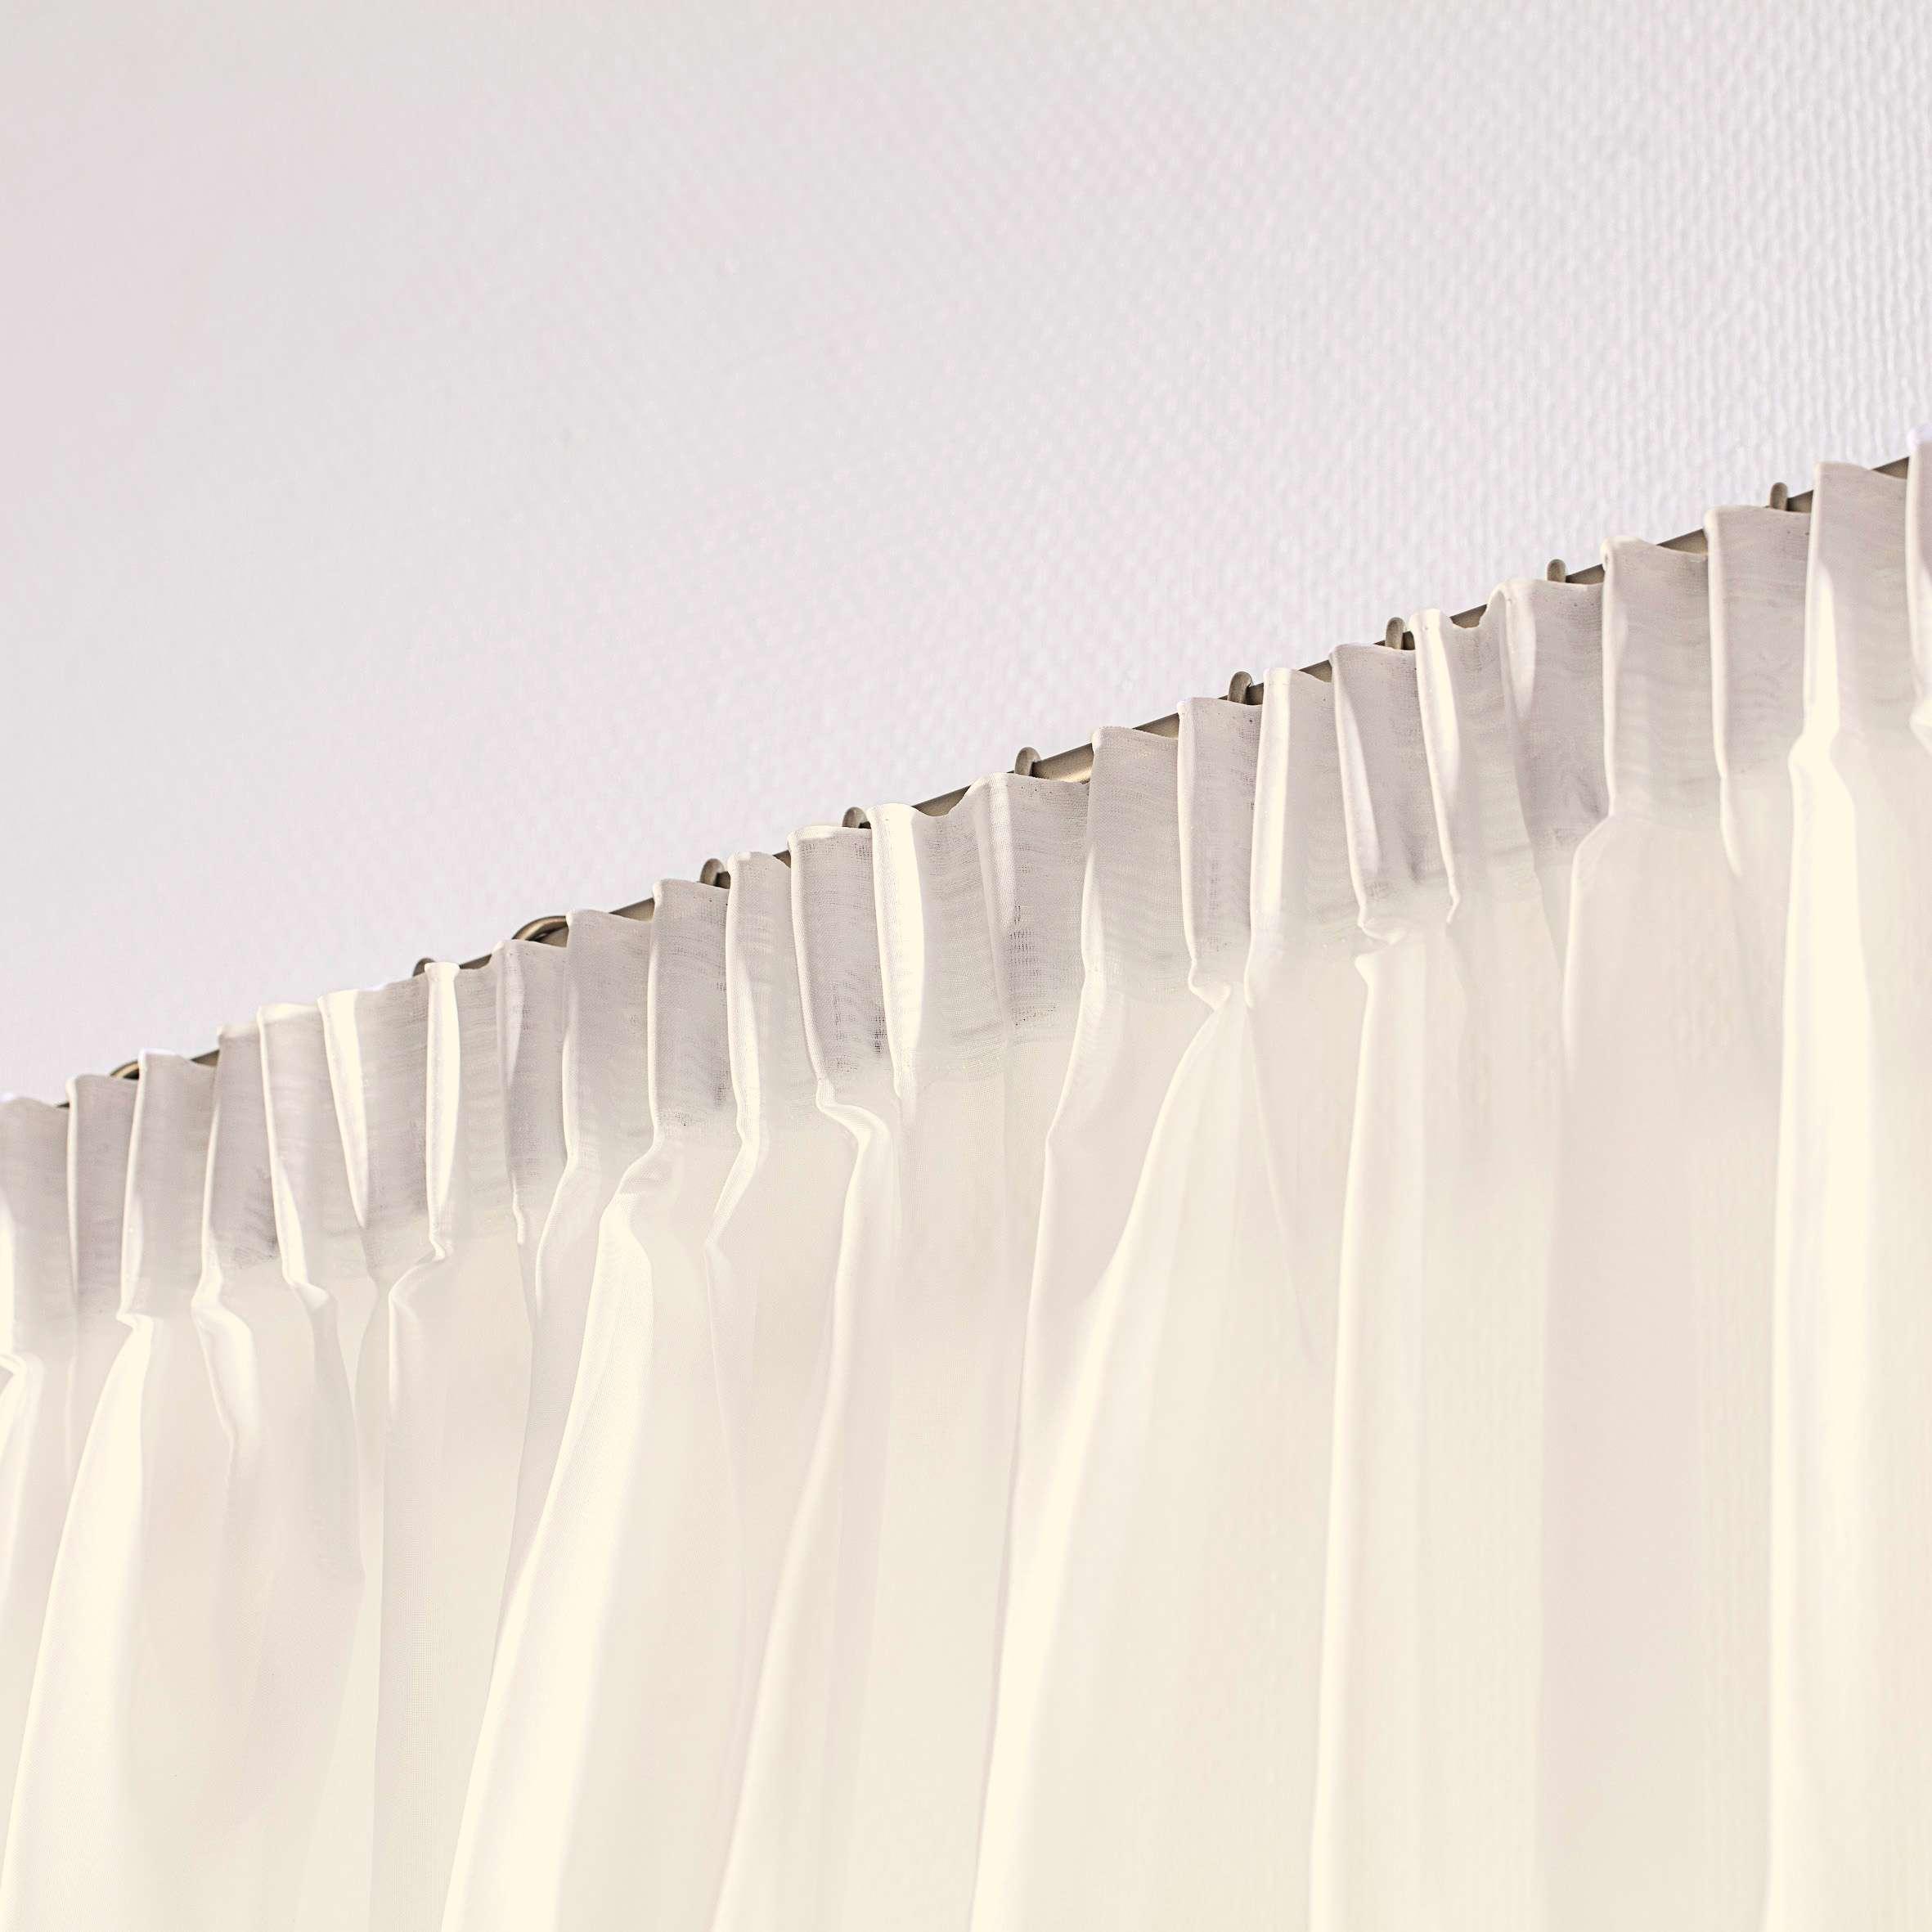 Záclona voálová jednoduchá s řasící páskou na míru v kolekci Voile - Voál, látka: 900-01